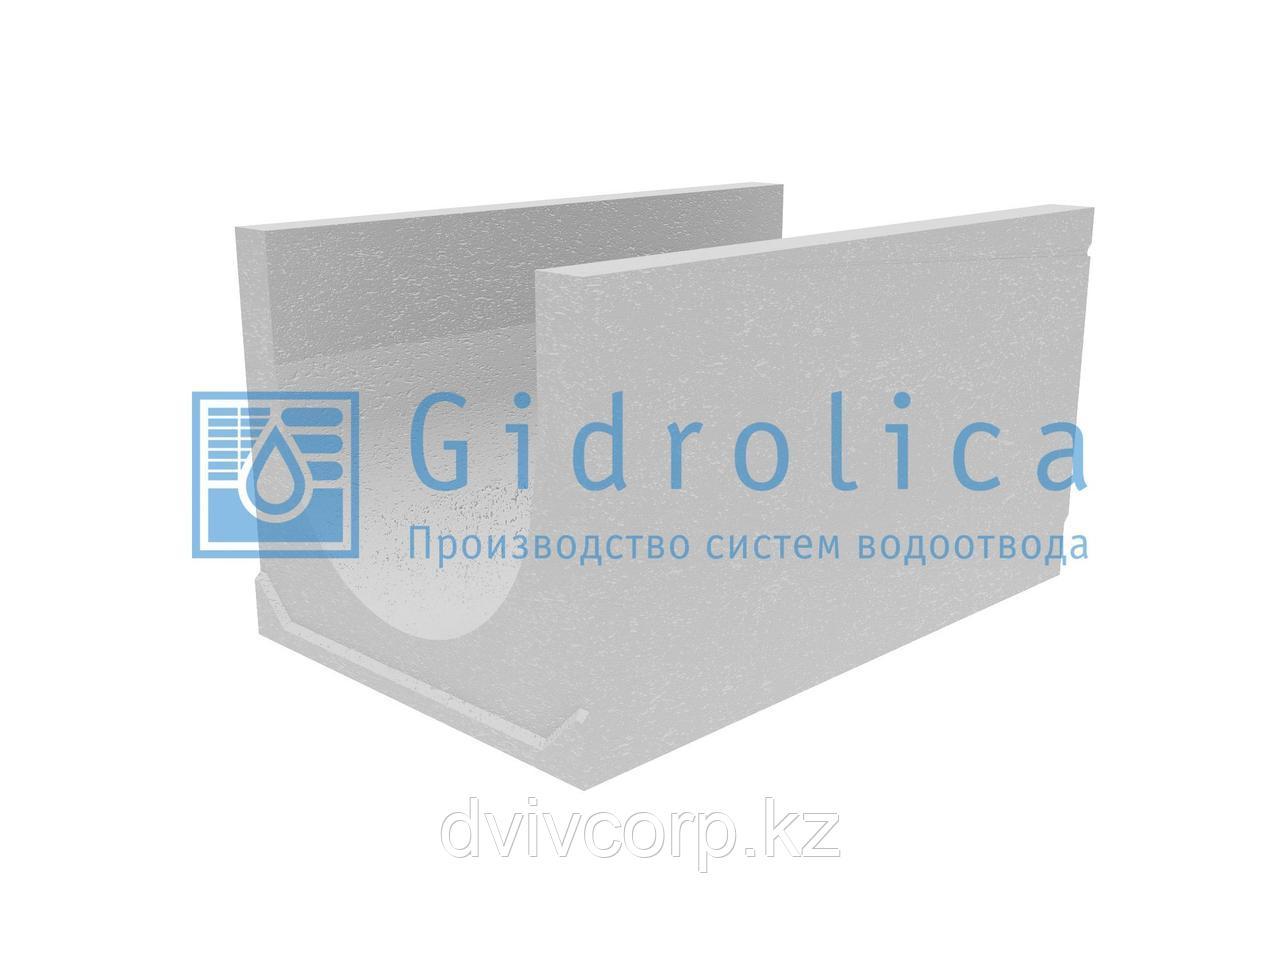 Лоток водоотводный бетонный коробчатый (СО-500мм), с уклоном 0,5%  КUу 100.65(50).57(48) - BGU-XL, № 24